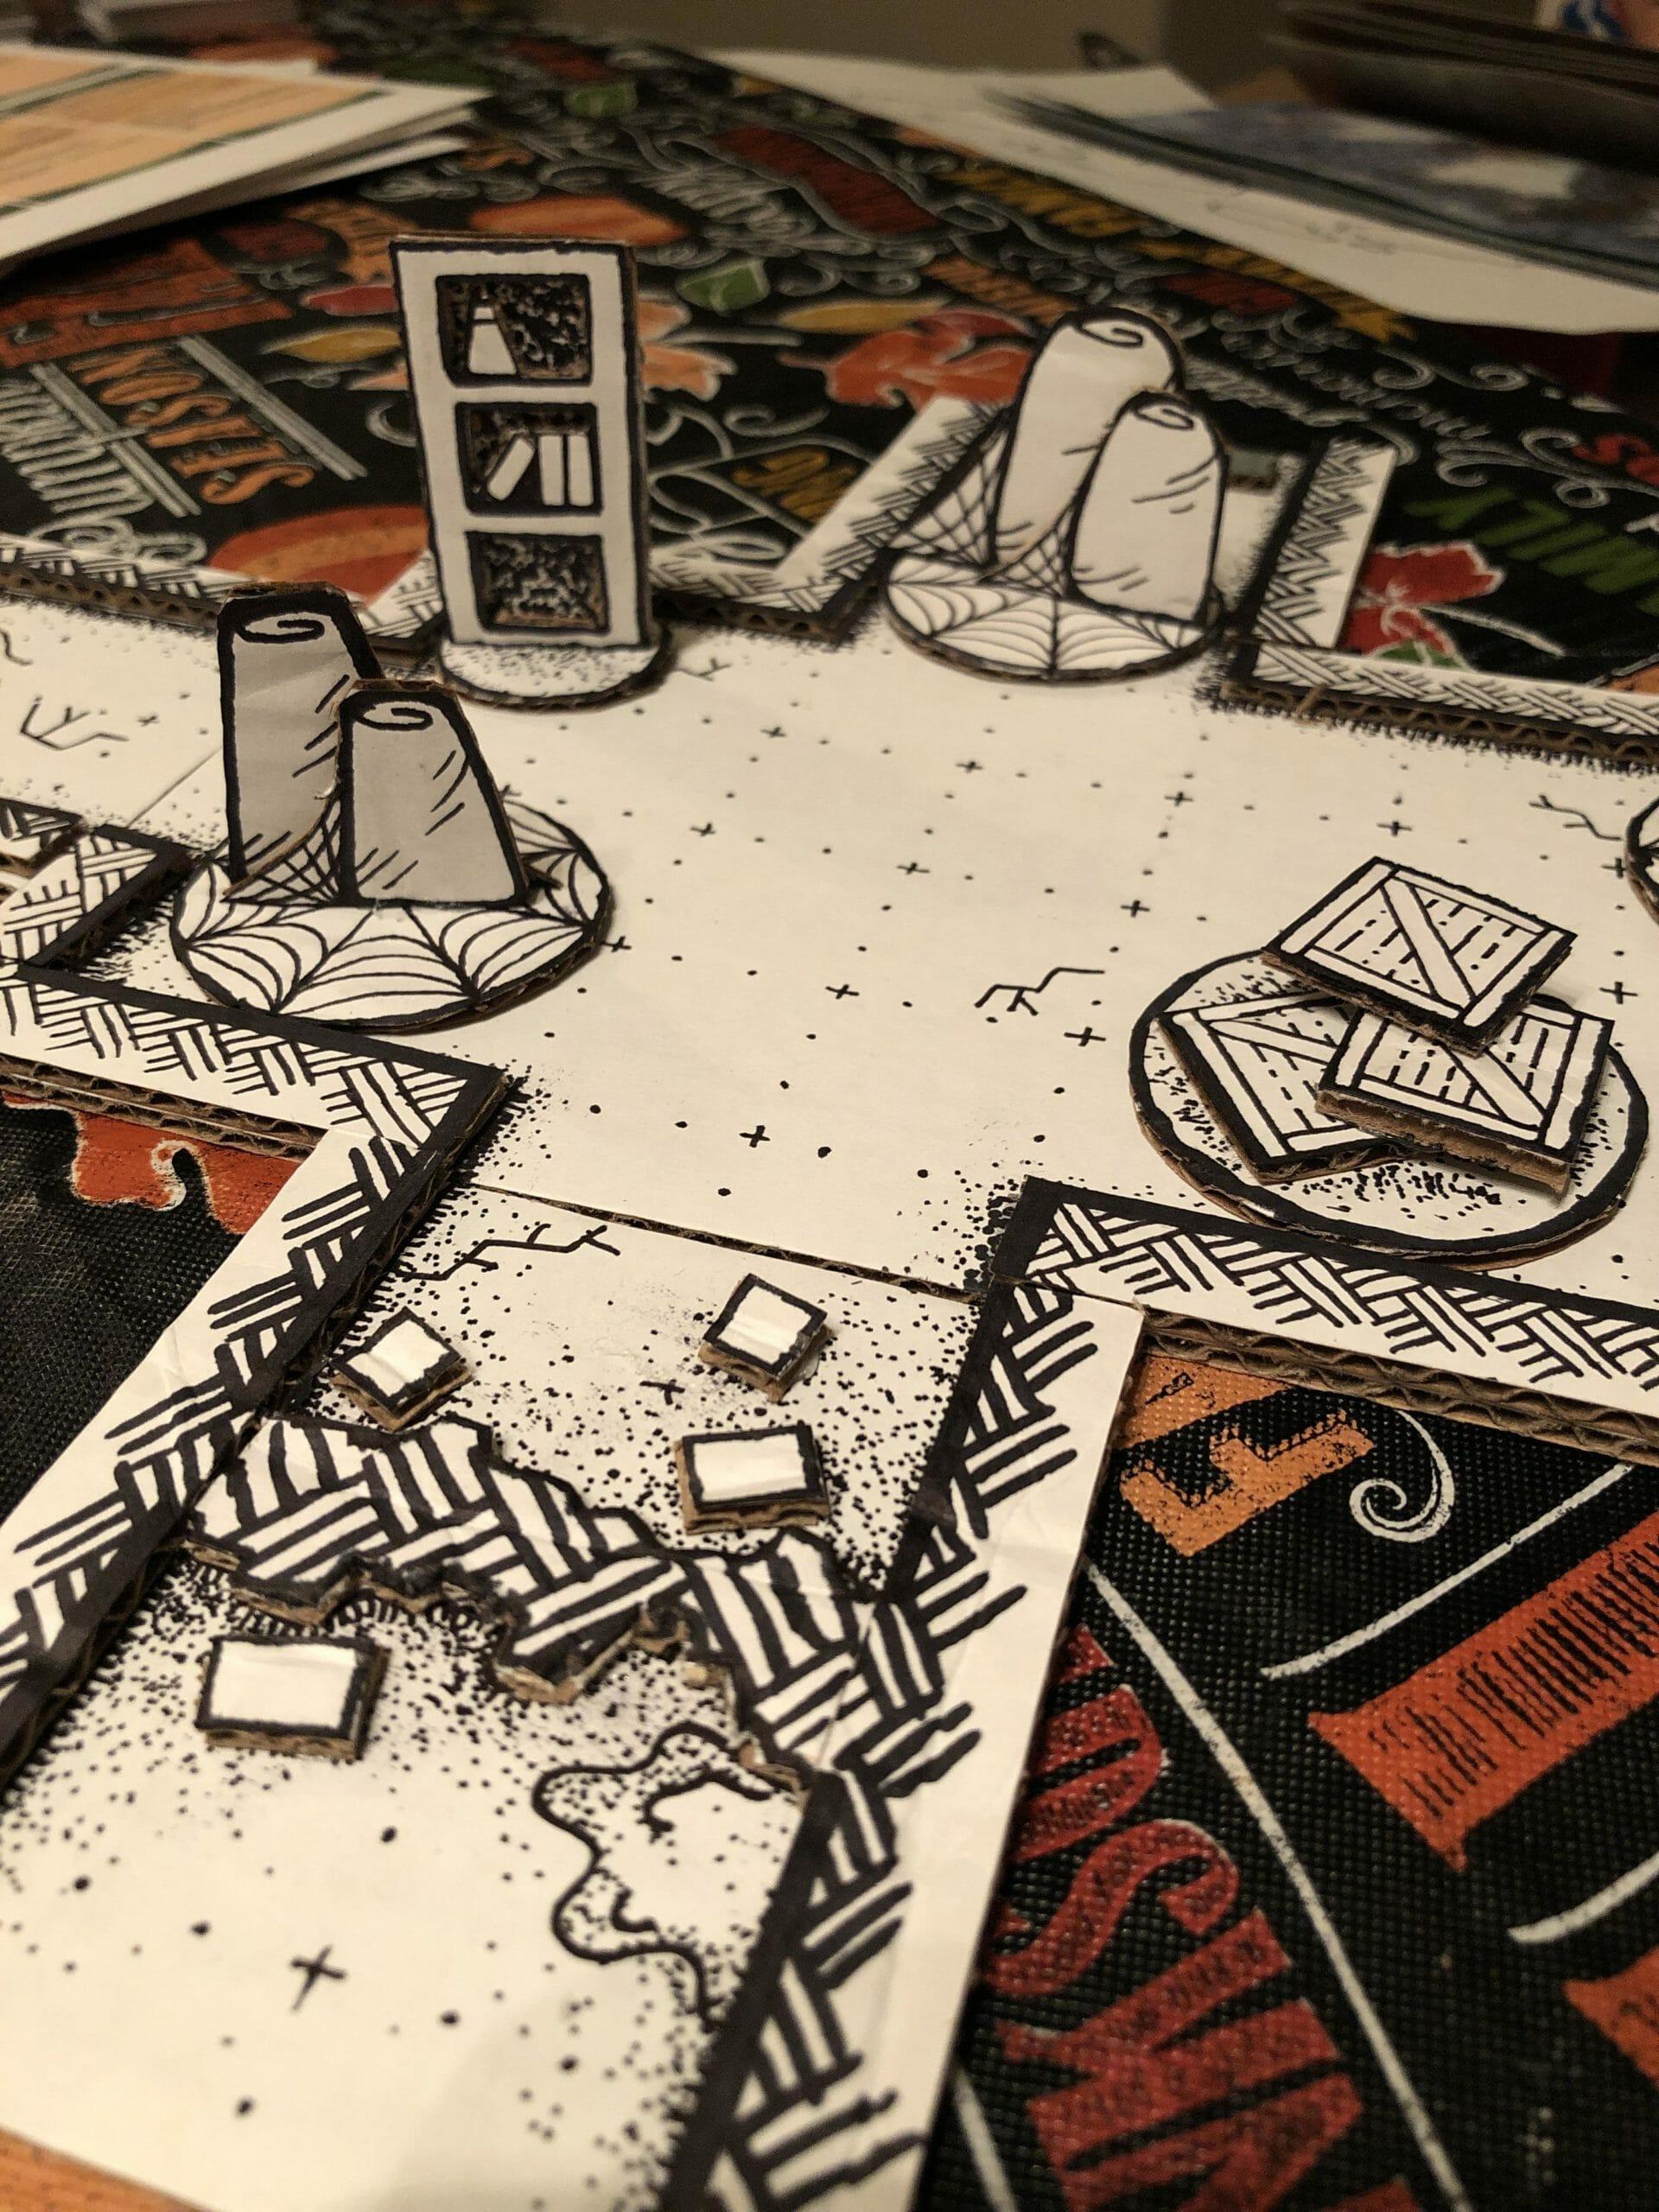 D&D battle mats